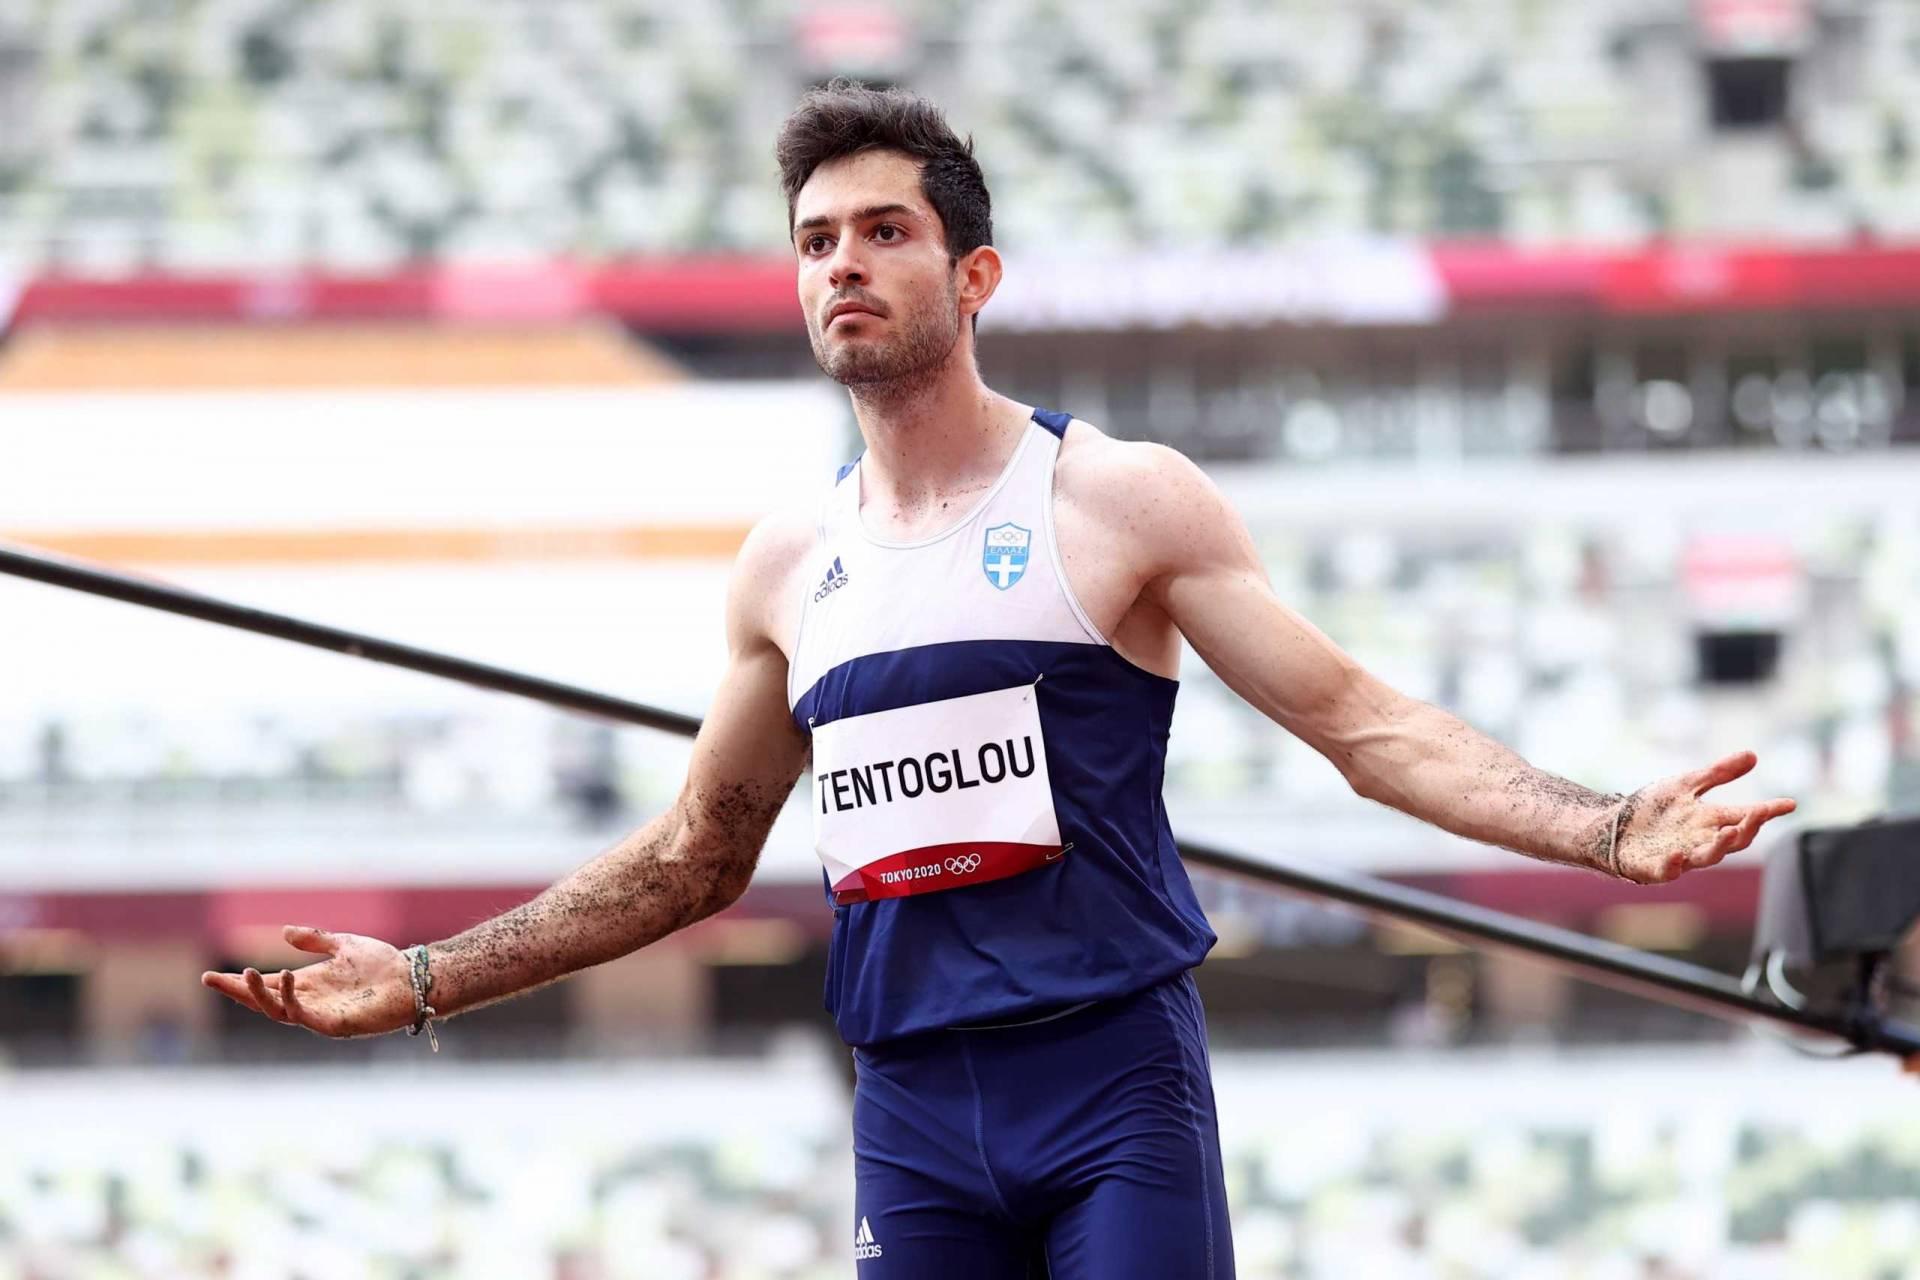 Η Ε.Γ. του Ν.Τ. Γρεβενώντης ΑΔΕΔΥ συγχαίρει τον Χρυσό Ολυμπιονίκη και σεμνό αθλητή Μίλτο Τεντόγλου